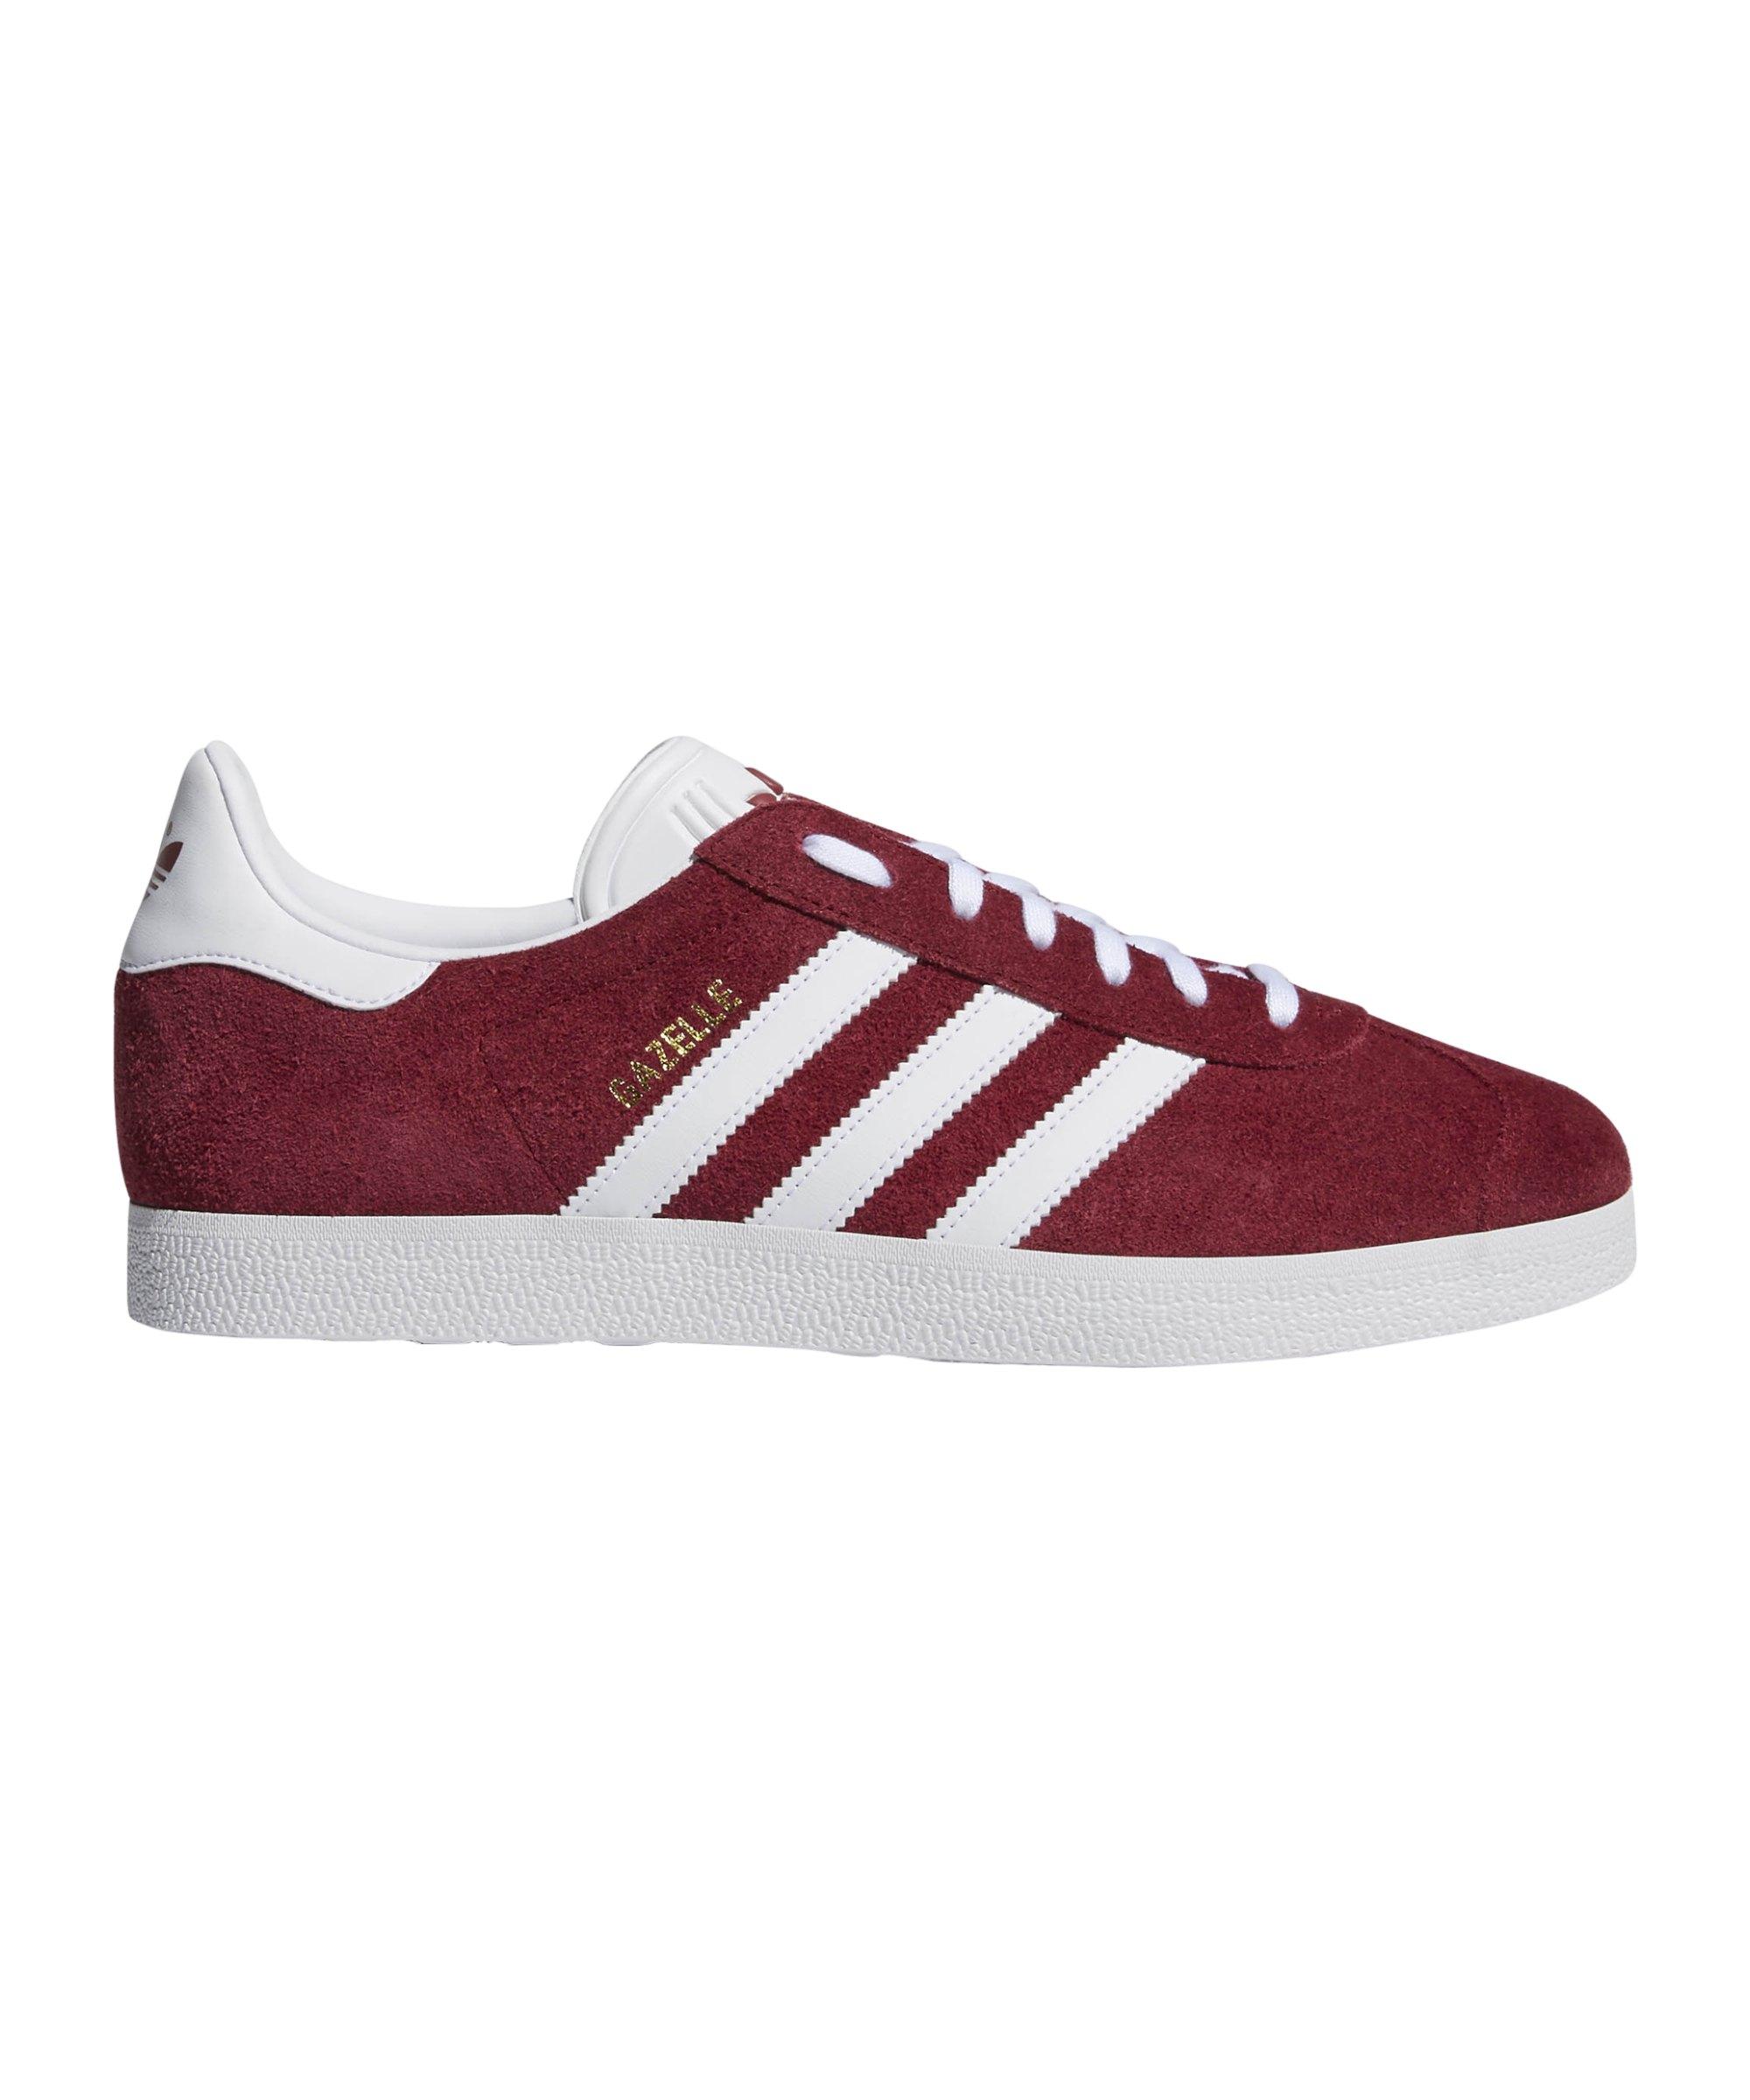 adidas Originals Gazelle Sneaker Rot Weiss